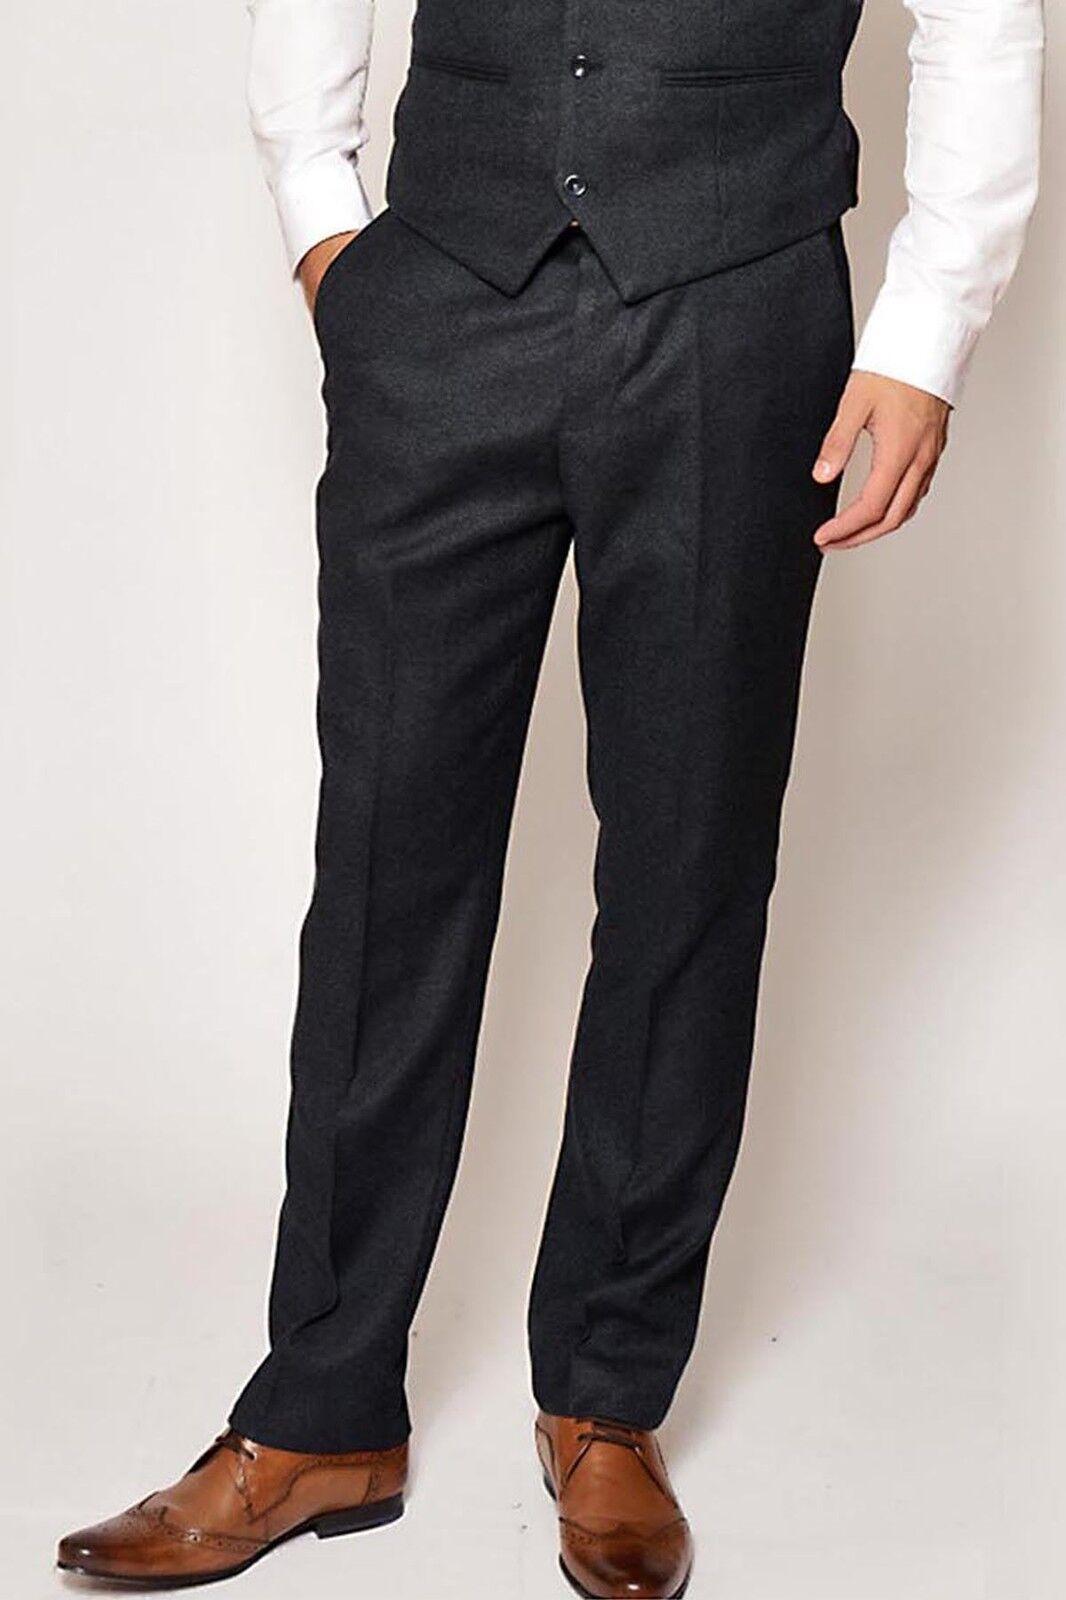 Mens Tweed Trouser Marc Darcy Tailored Slim Fit Vintage Style Wool Look Pants